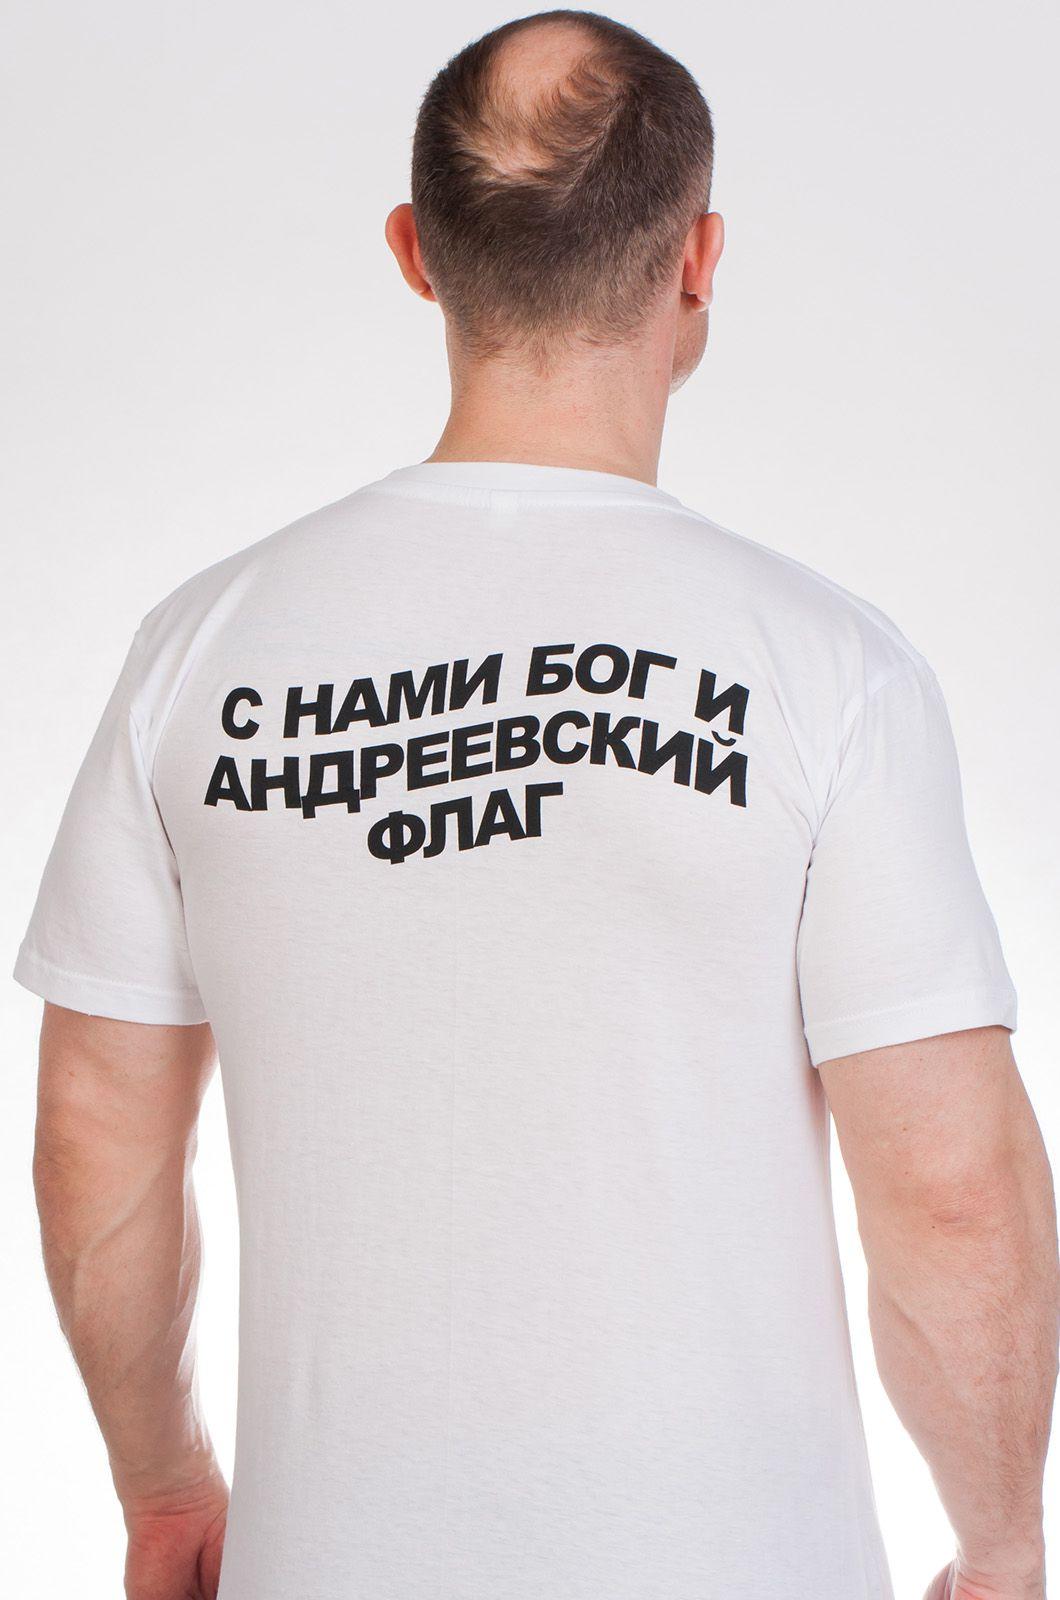 Футболка ТАВКР «Адмирал Кузнецов» с доставкой